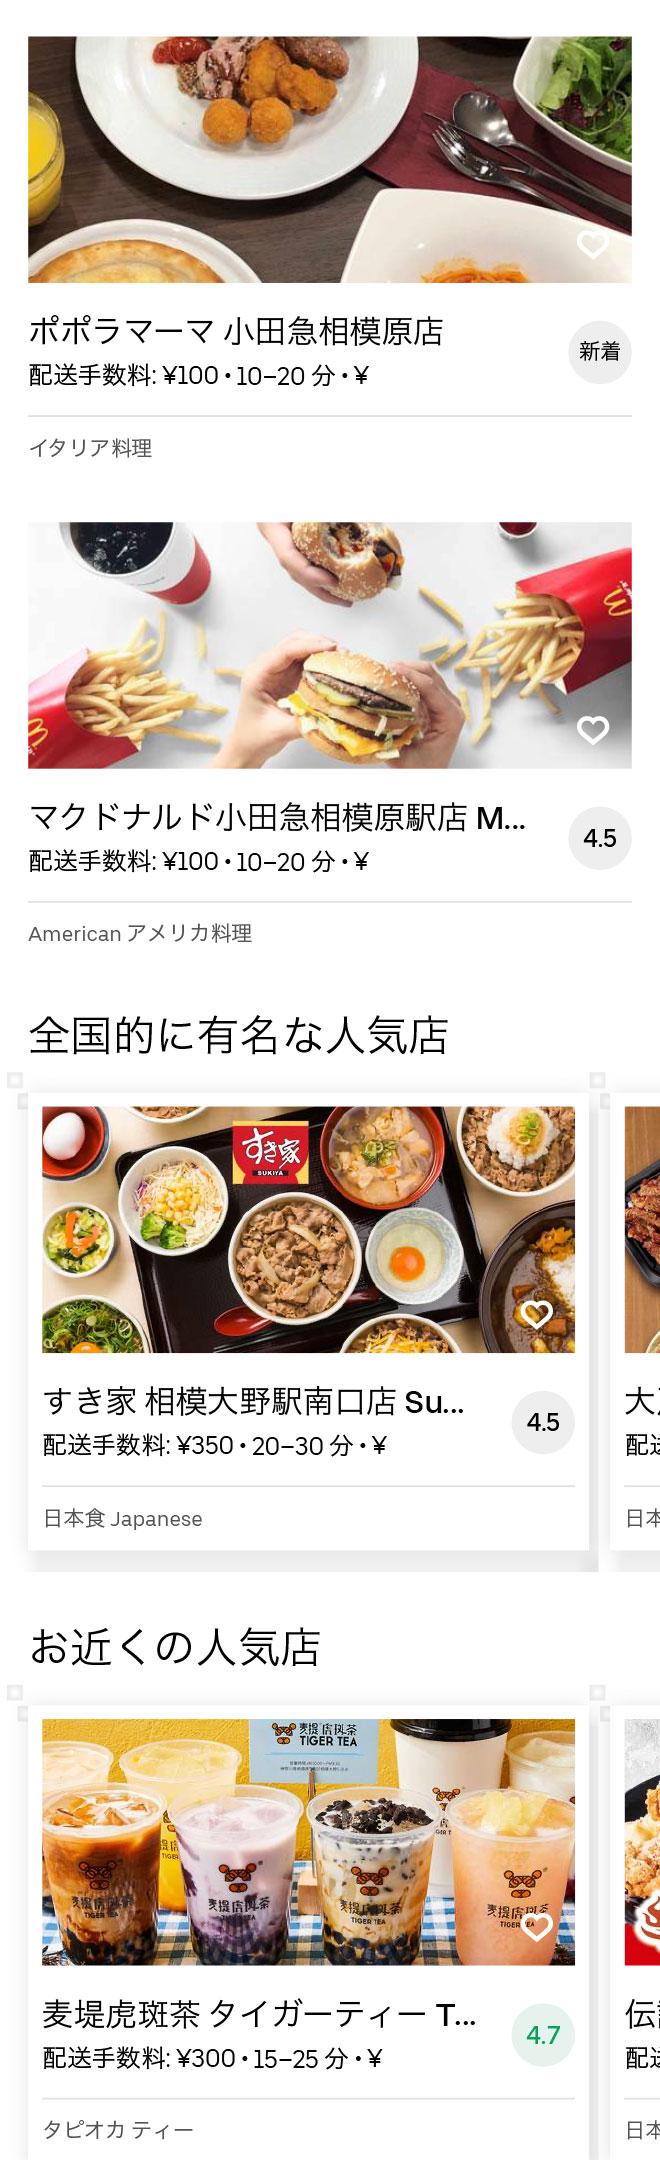 Odakyu sagamihara menu 2008 01